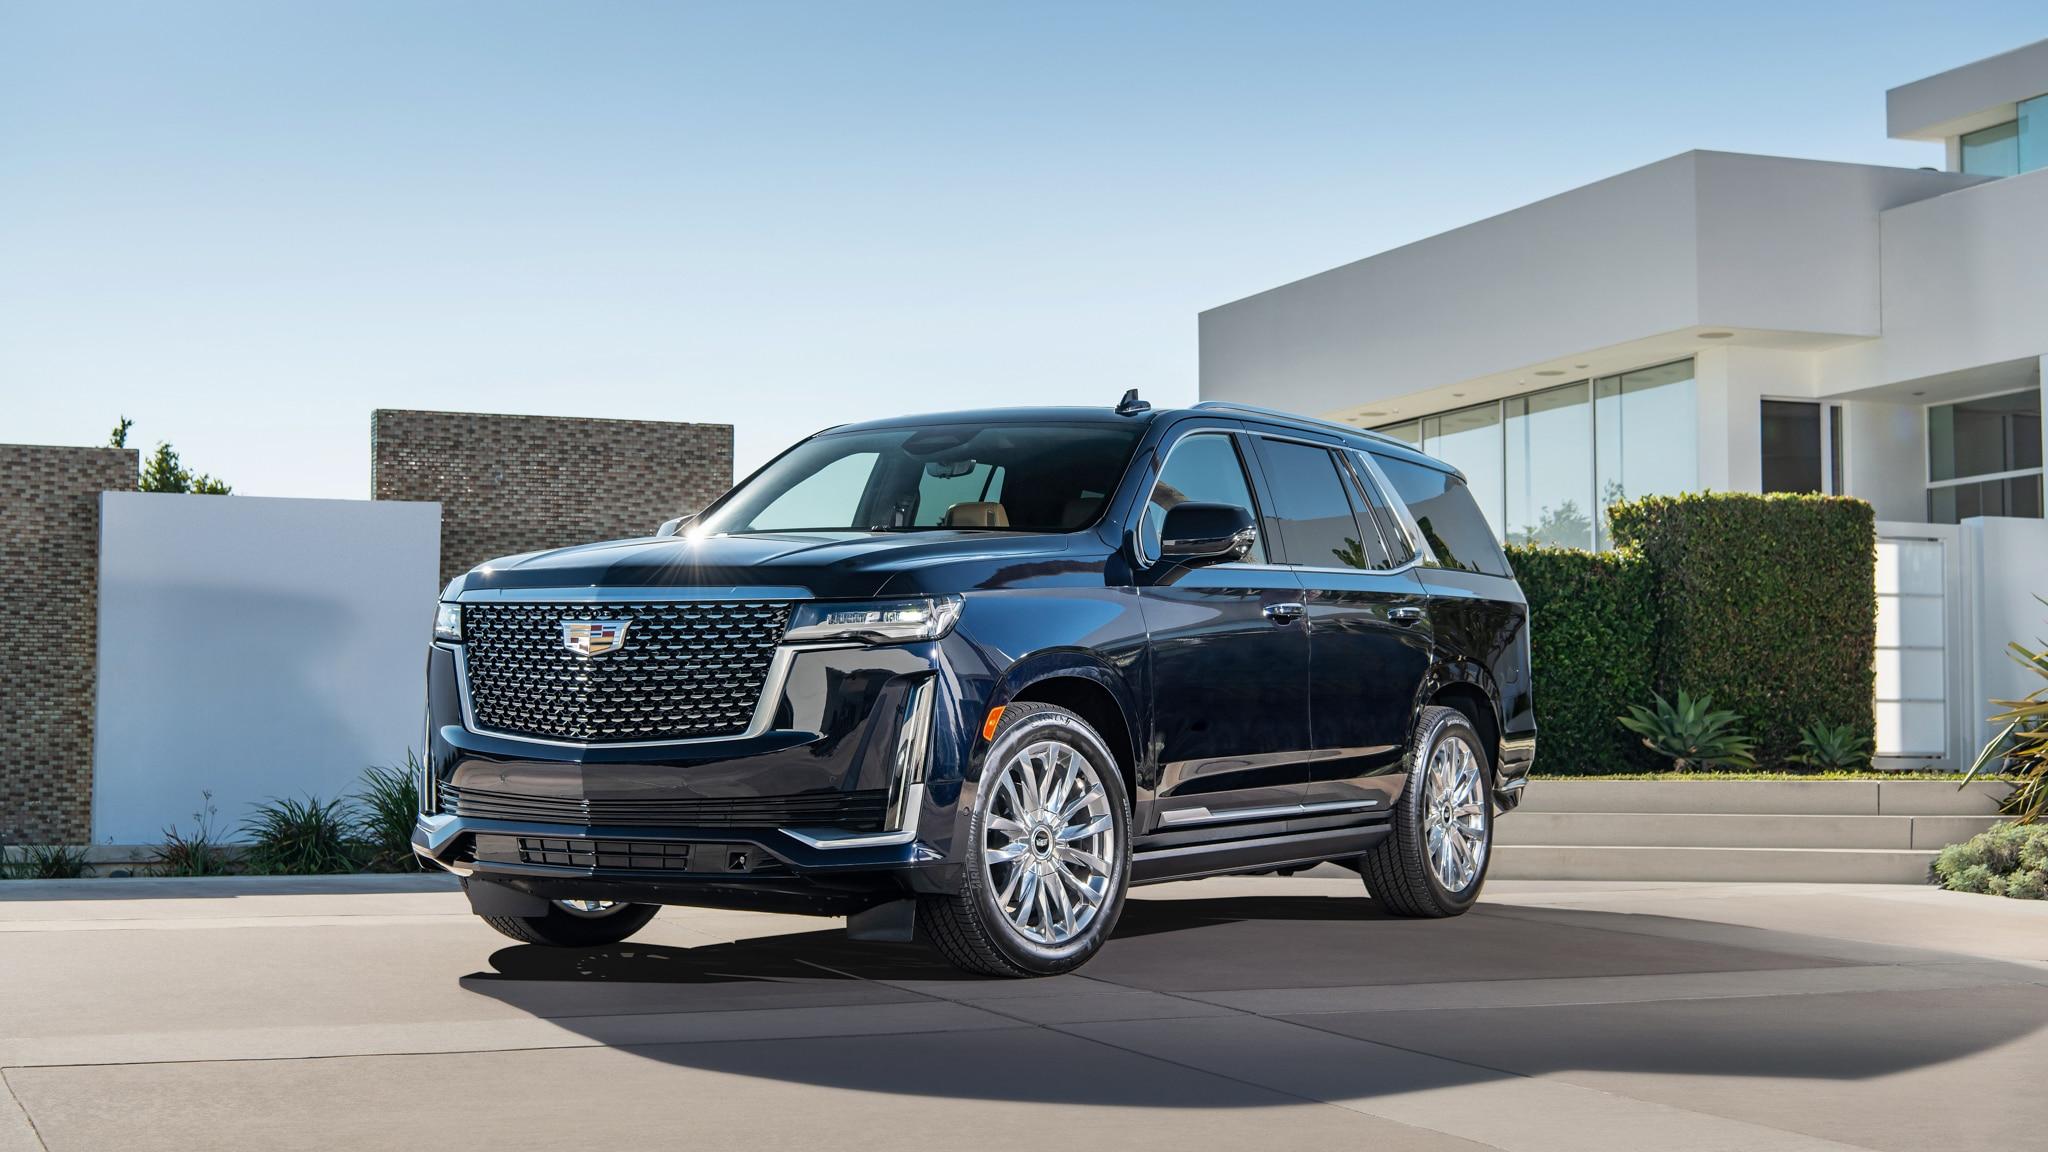 2021 Cadillac Escalade First Drive Review: Big, Baller